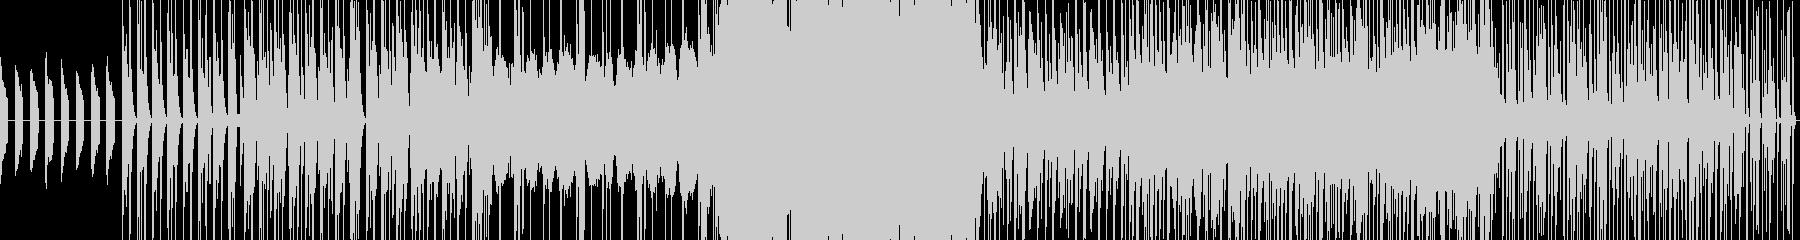 ピアノとストリングスの劇伴風テーマ曲の未再生の波形